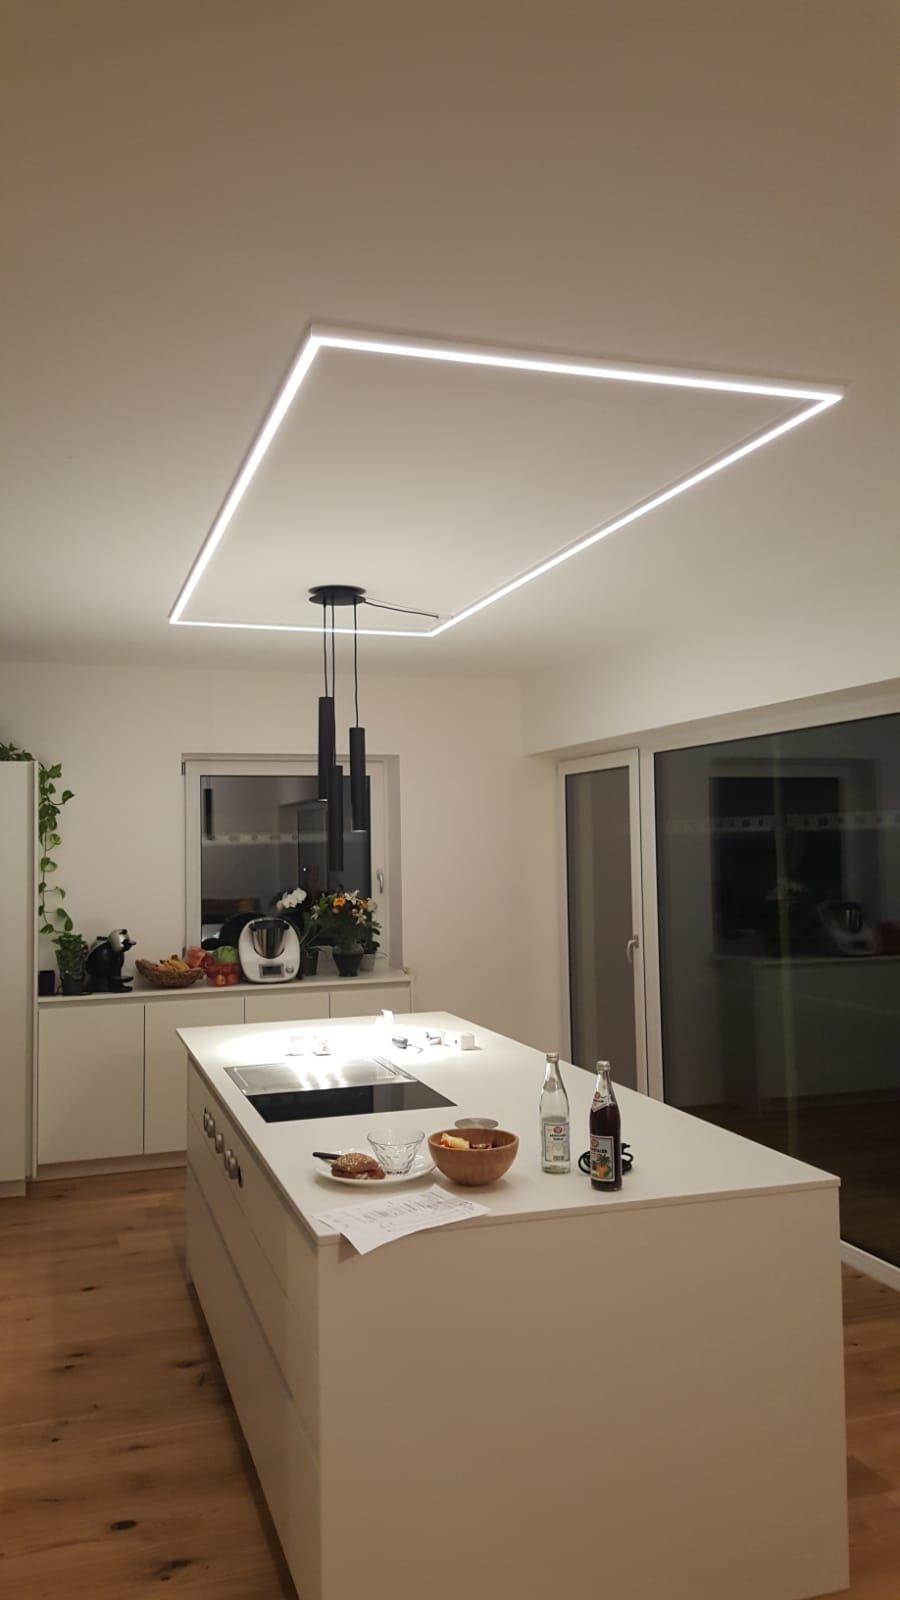 kreativer LED Einsatz in der Küche in 2020 | Moderne küchen